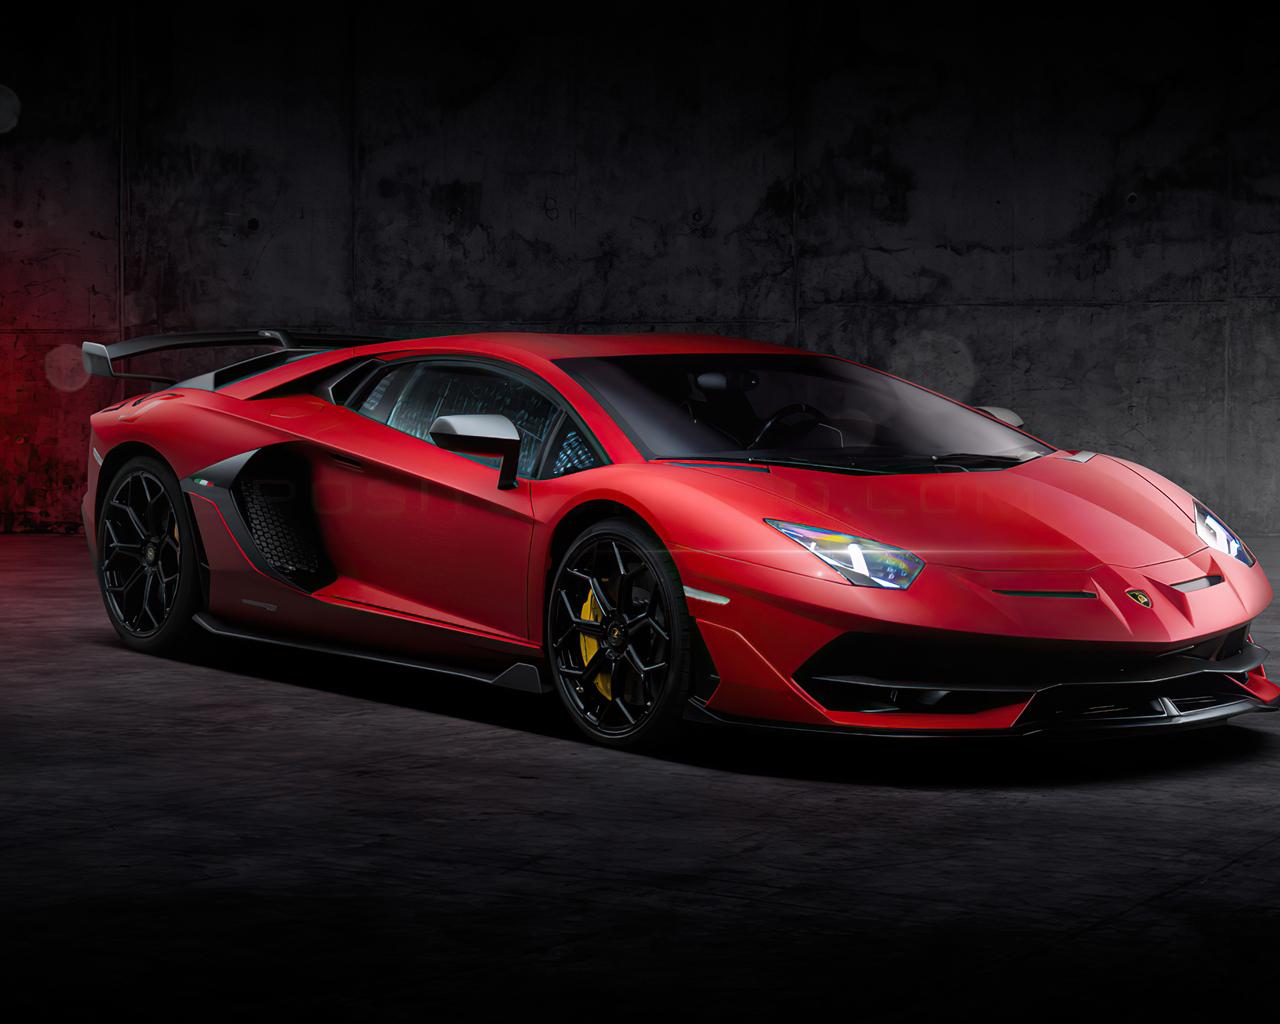 1280x1024 Red Lamborghini Aventador New 1280x1024 ...